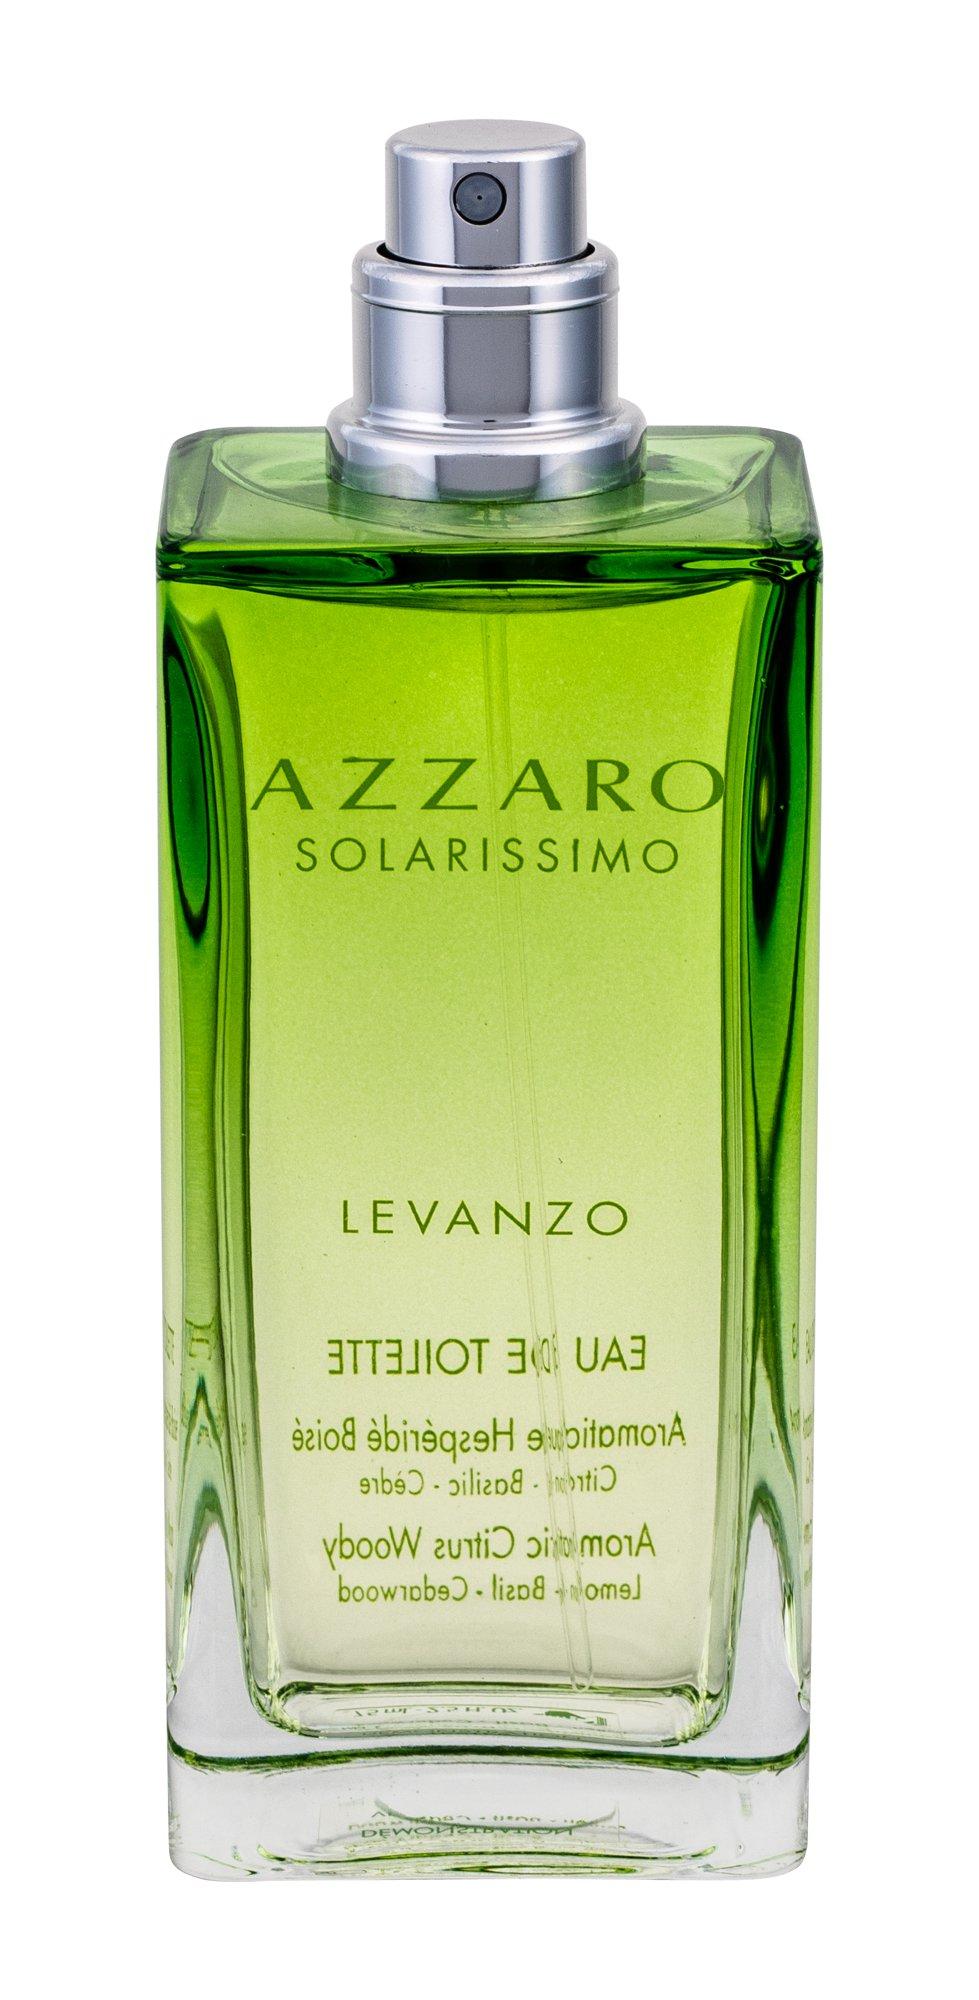 Azzaro Solarissimo Levanzo, Toaletná voda 75ml